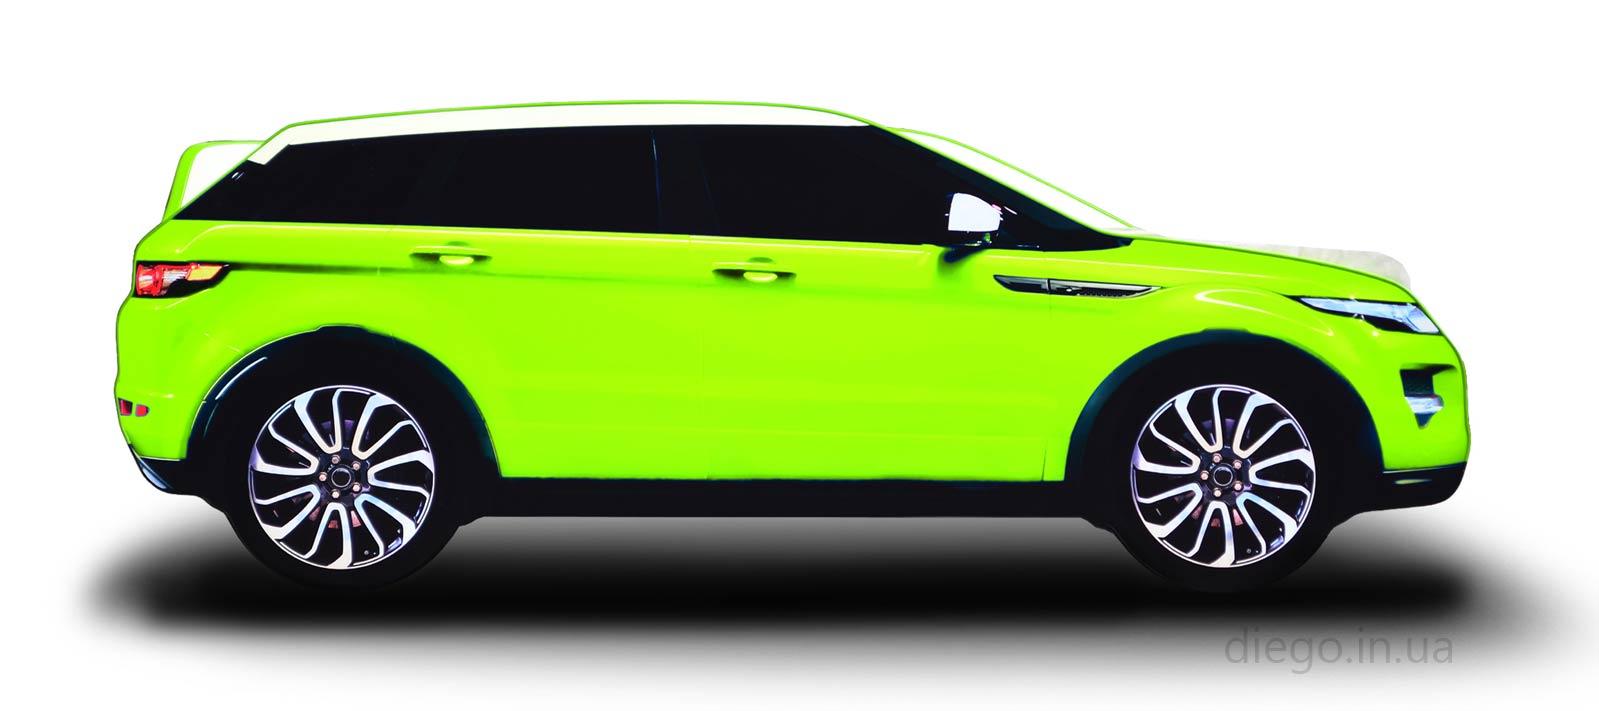 Кровать Evolution зеленого цвета